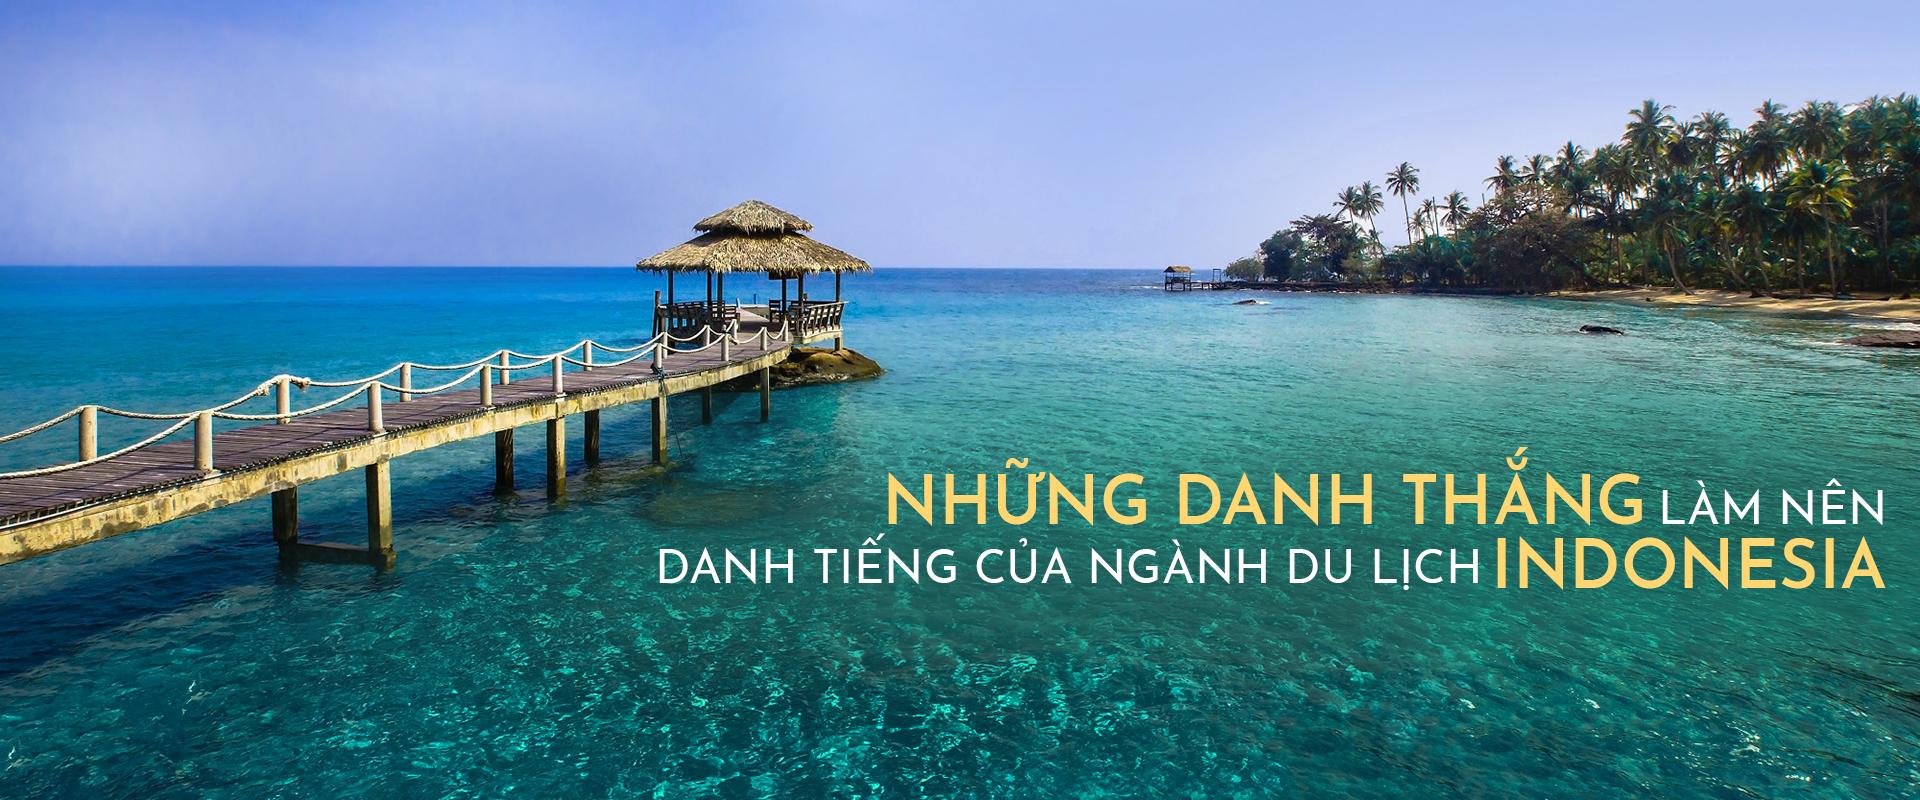 Những địa điểm du lịch ở Indonesia hớp hồn du khách